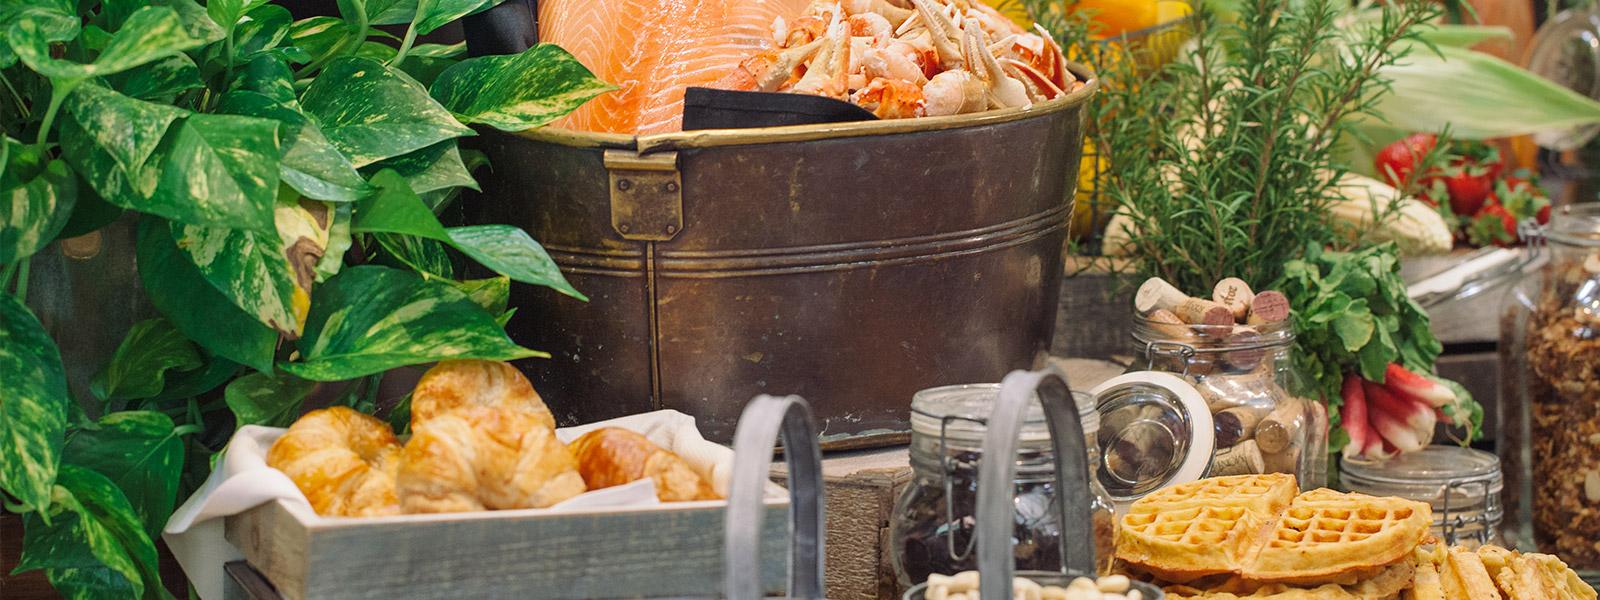 tcooks-sunday-market-brunch